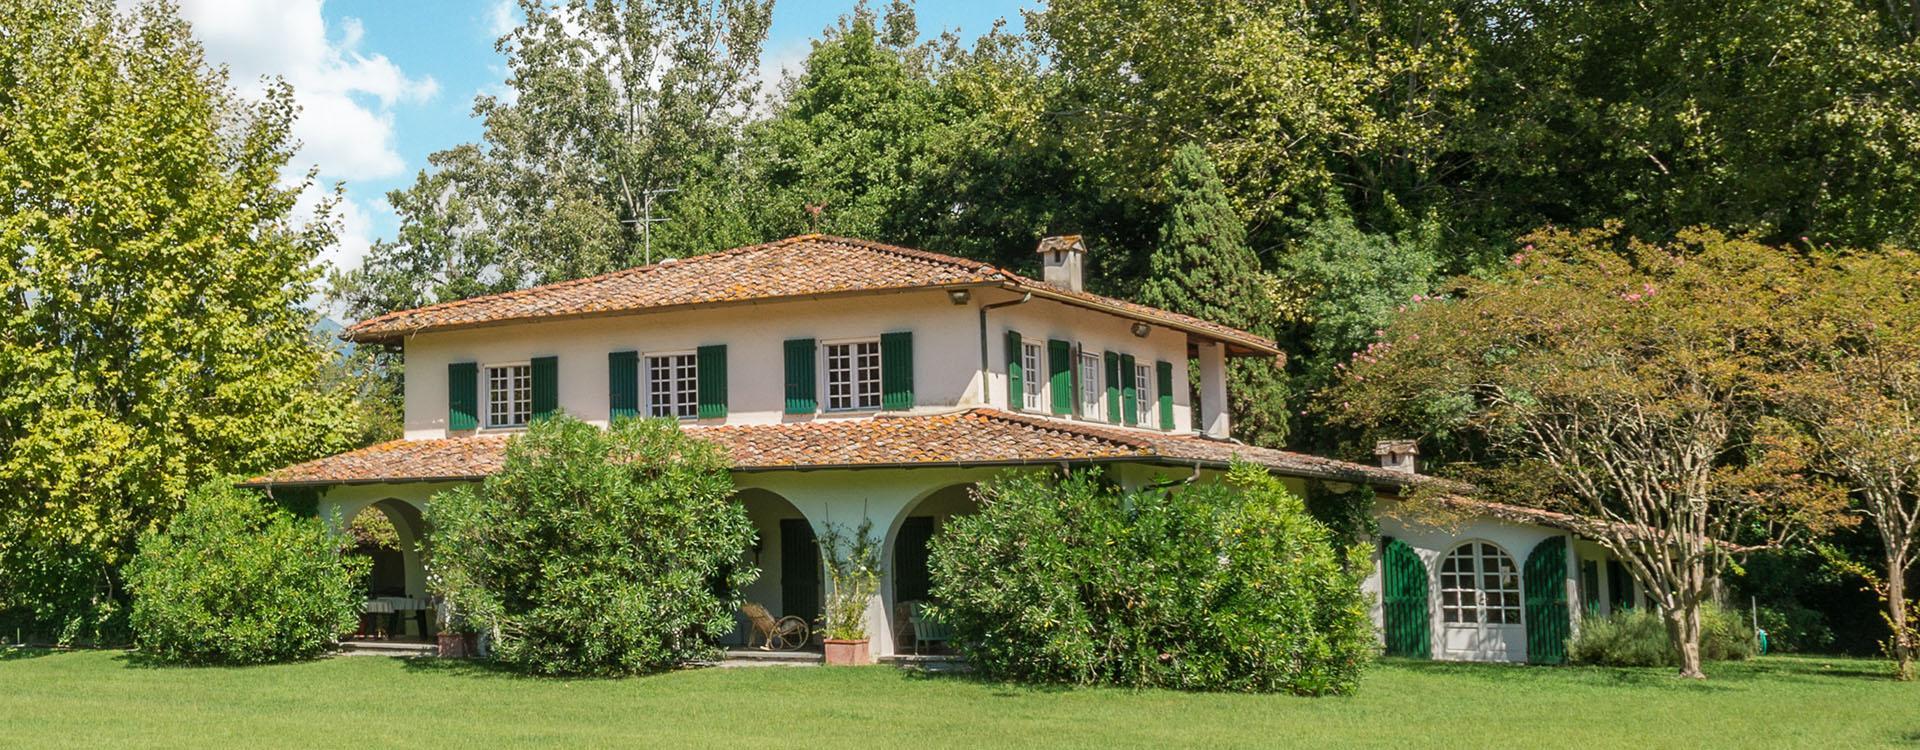 Вилла, окружённая зеленью с бассейном и большим парком в продаже в Форте Дей Марми